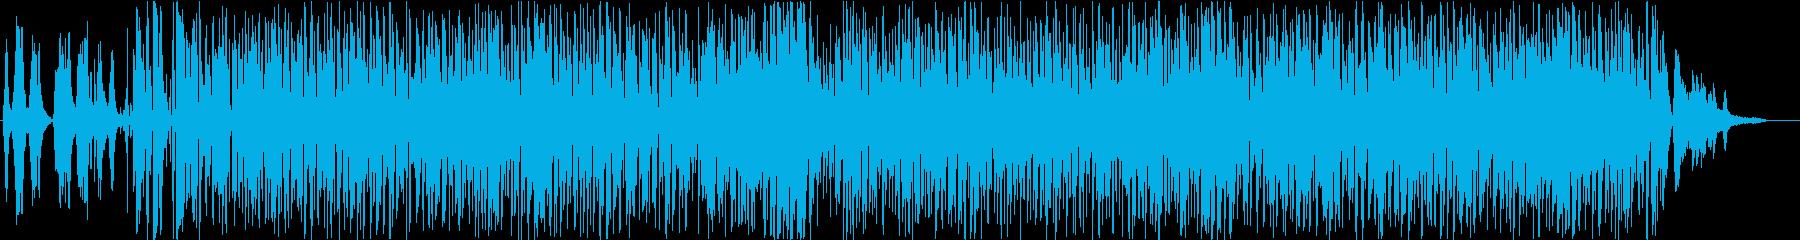 フランス・アコーディオンのスウィングの再生済みの波形